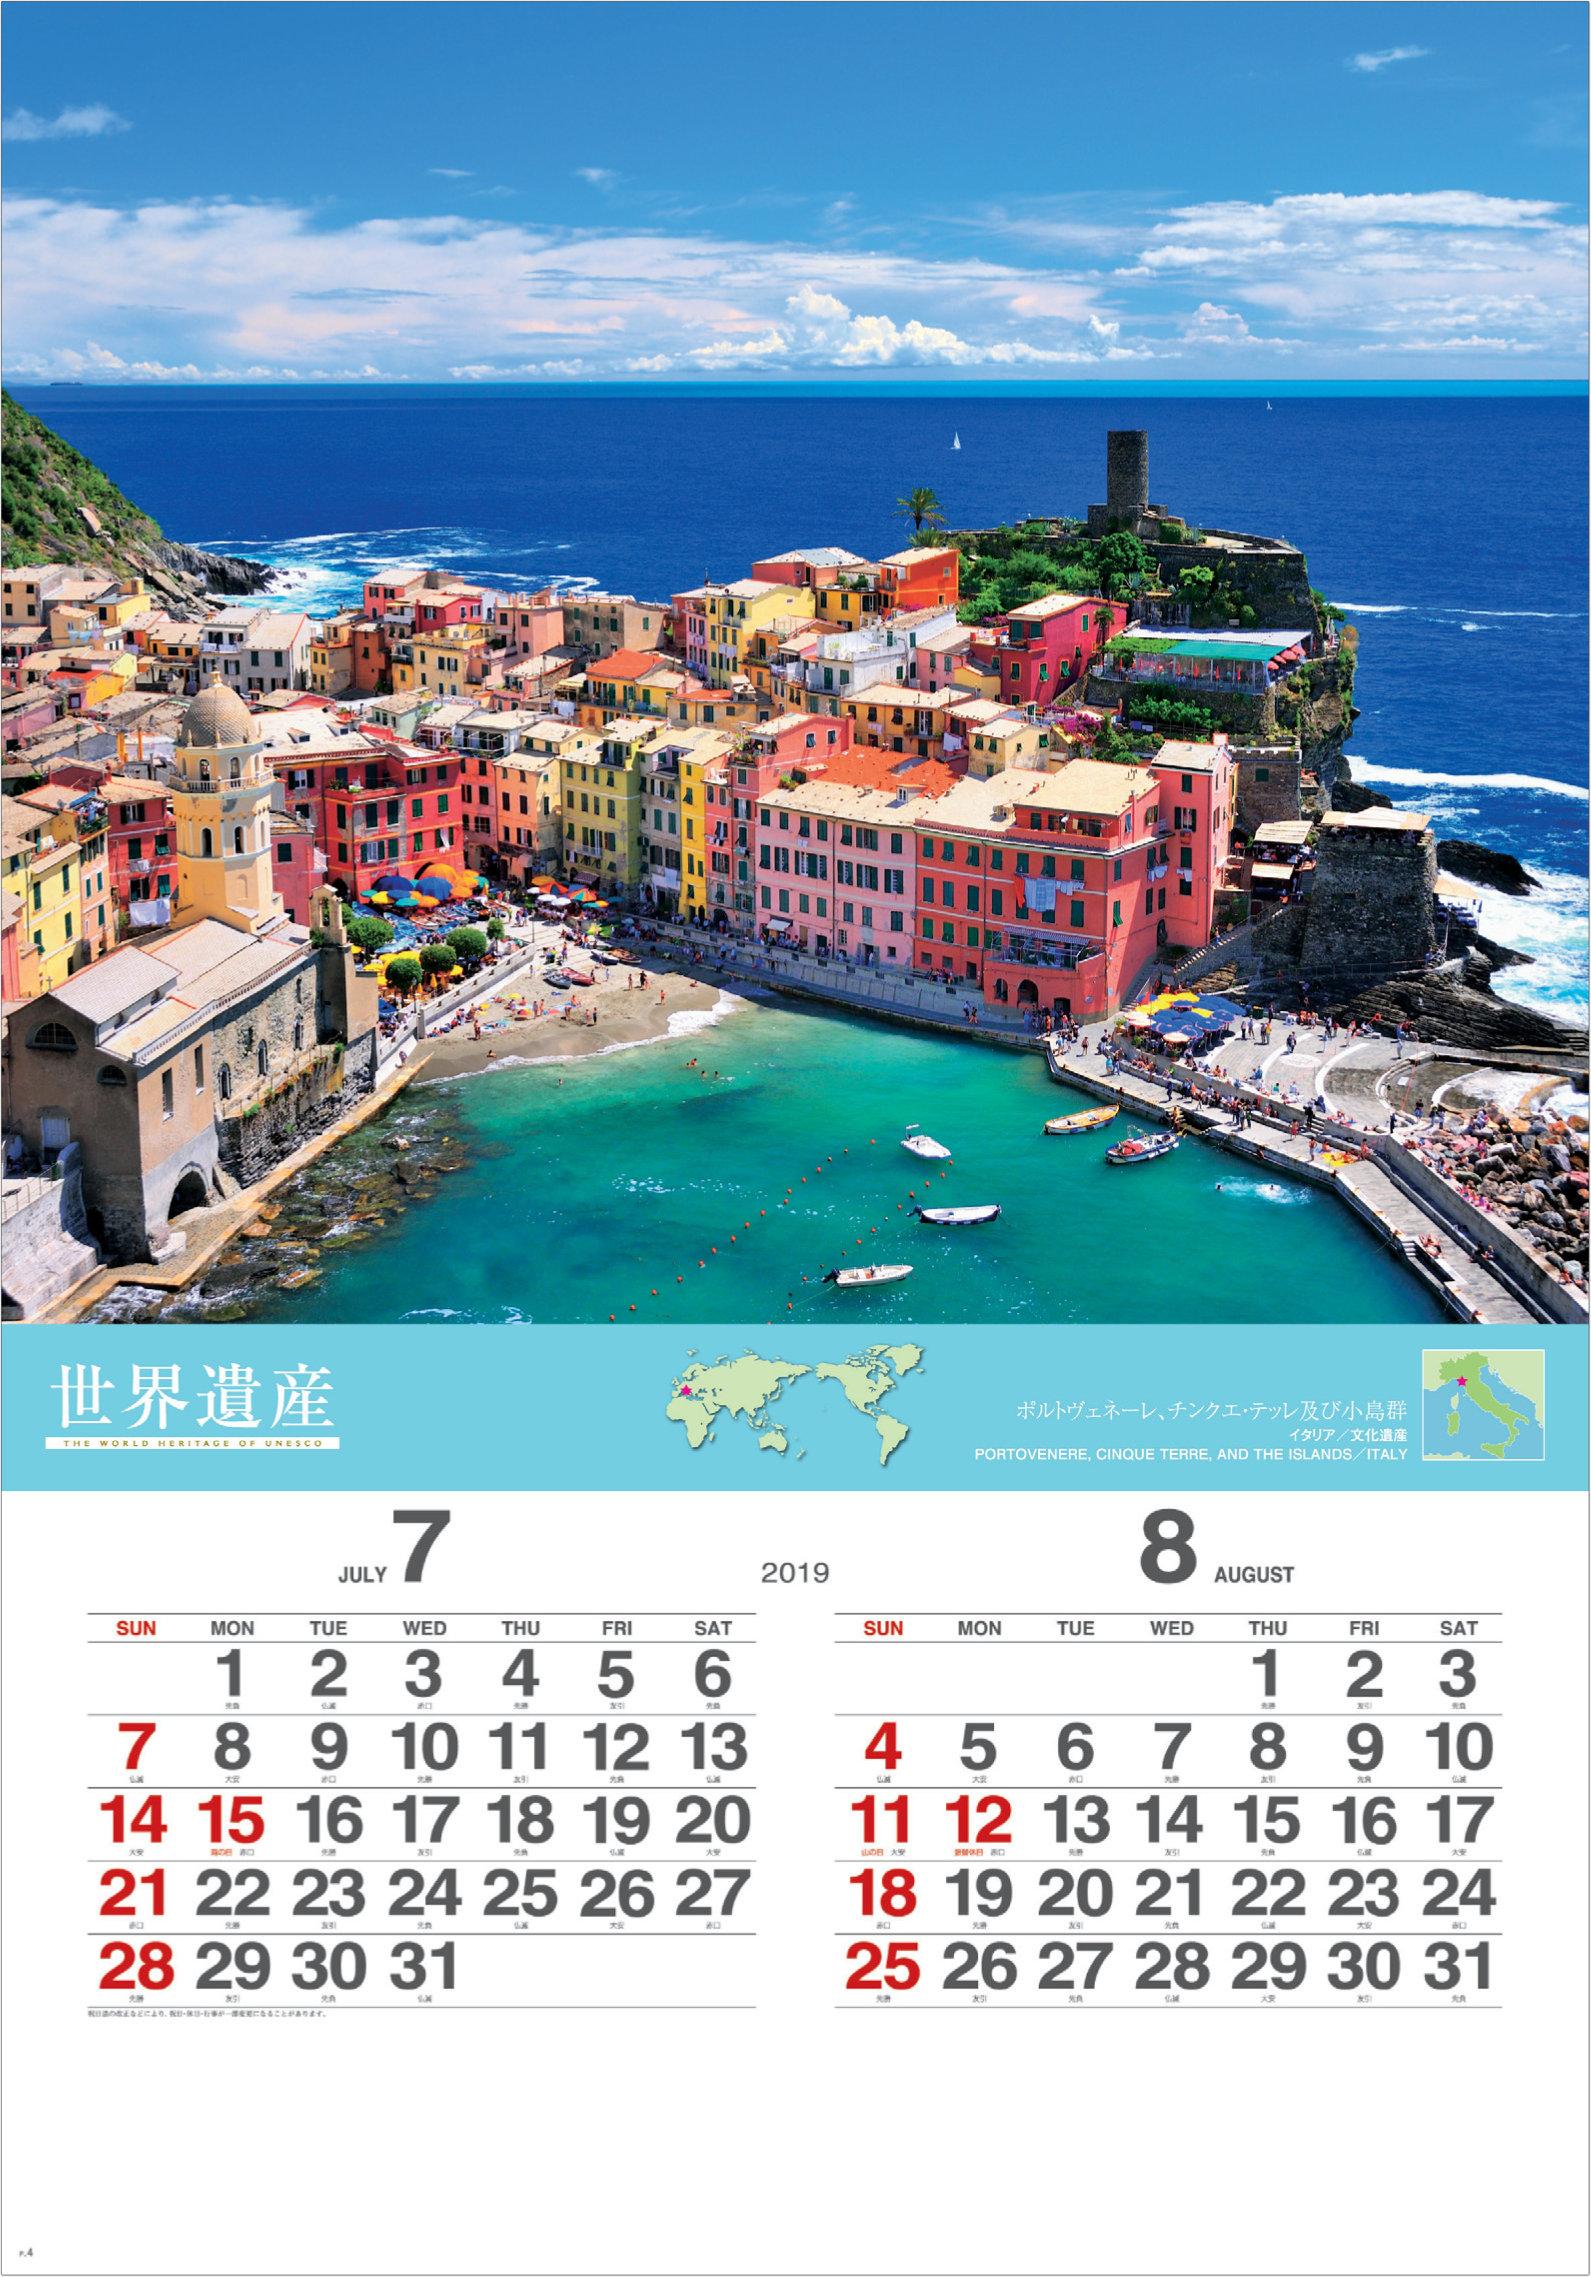 画像:イタリア「ポルトヴェネーレ、チンクエ・テッレ」 ユネスコ世界遺産(フィルムカレンダー) 2019年カレンダー